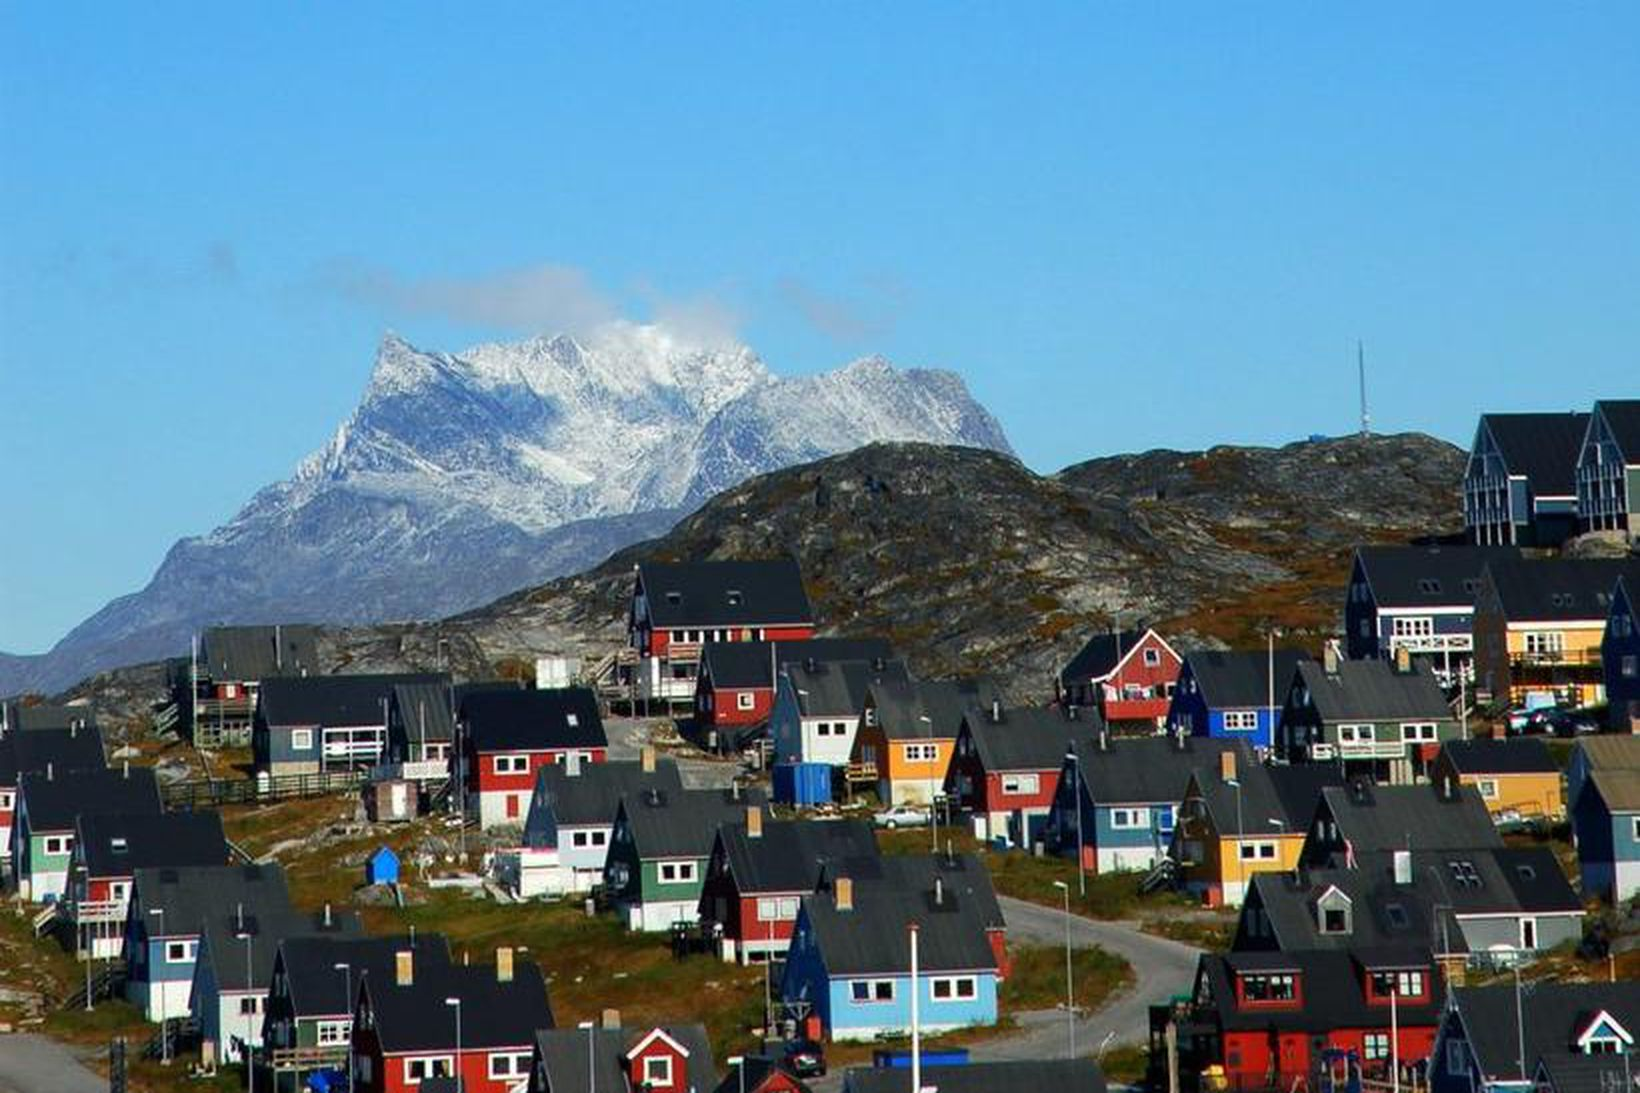 Frá Nuuk, höfuðborg Grænlands. Fjallið Sermitsiaq í bakgrunni.